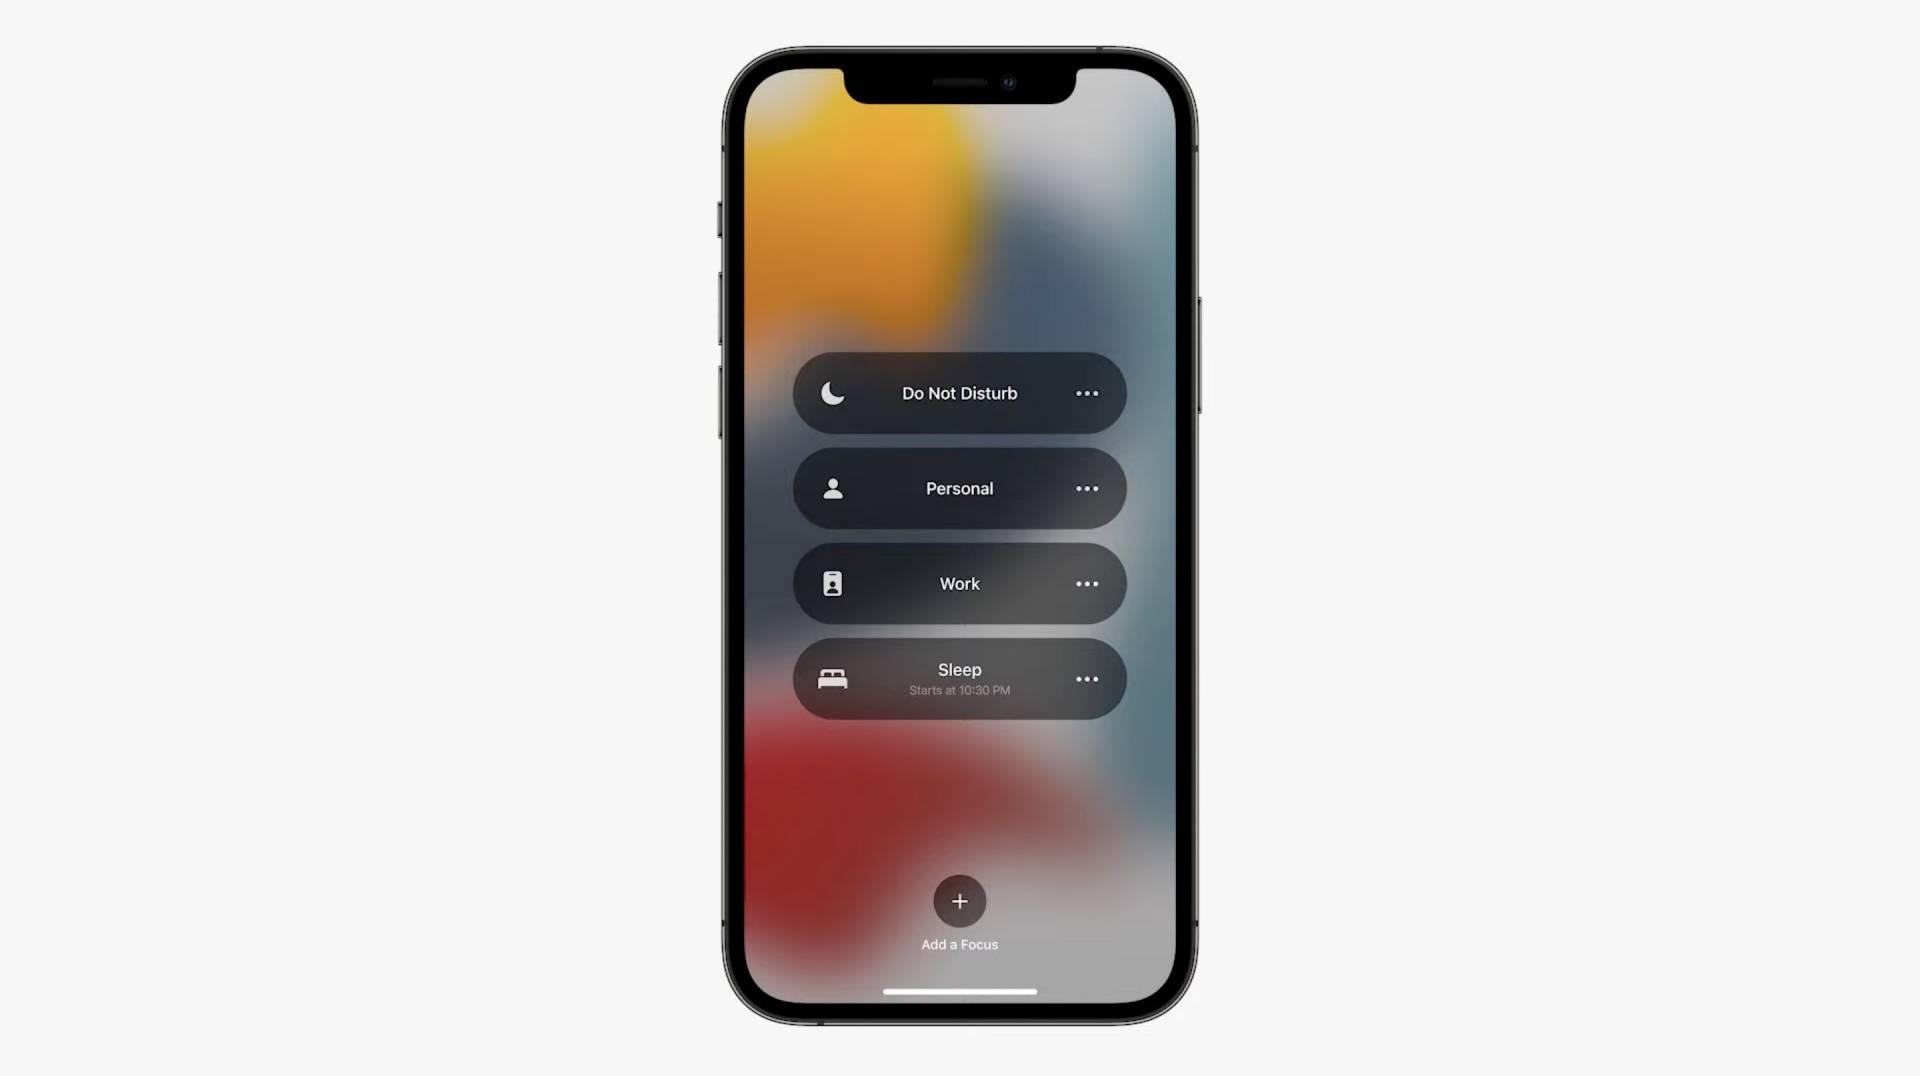 Focus - nové módy iOS zariadenia podľa aktuálnej aktivity - WWDC 2021